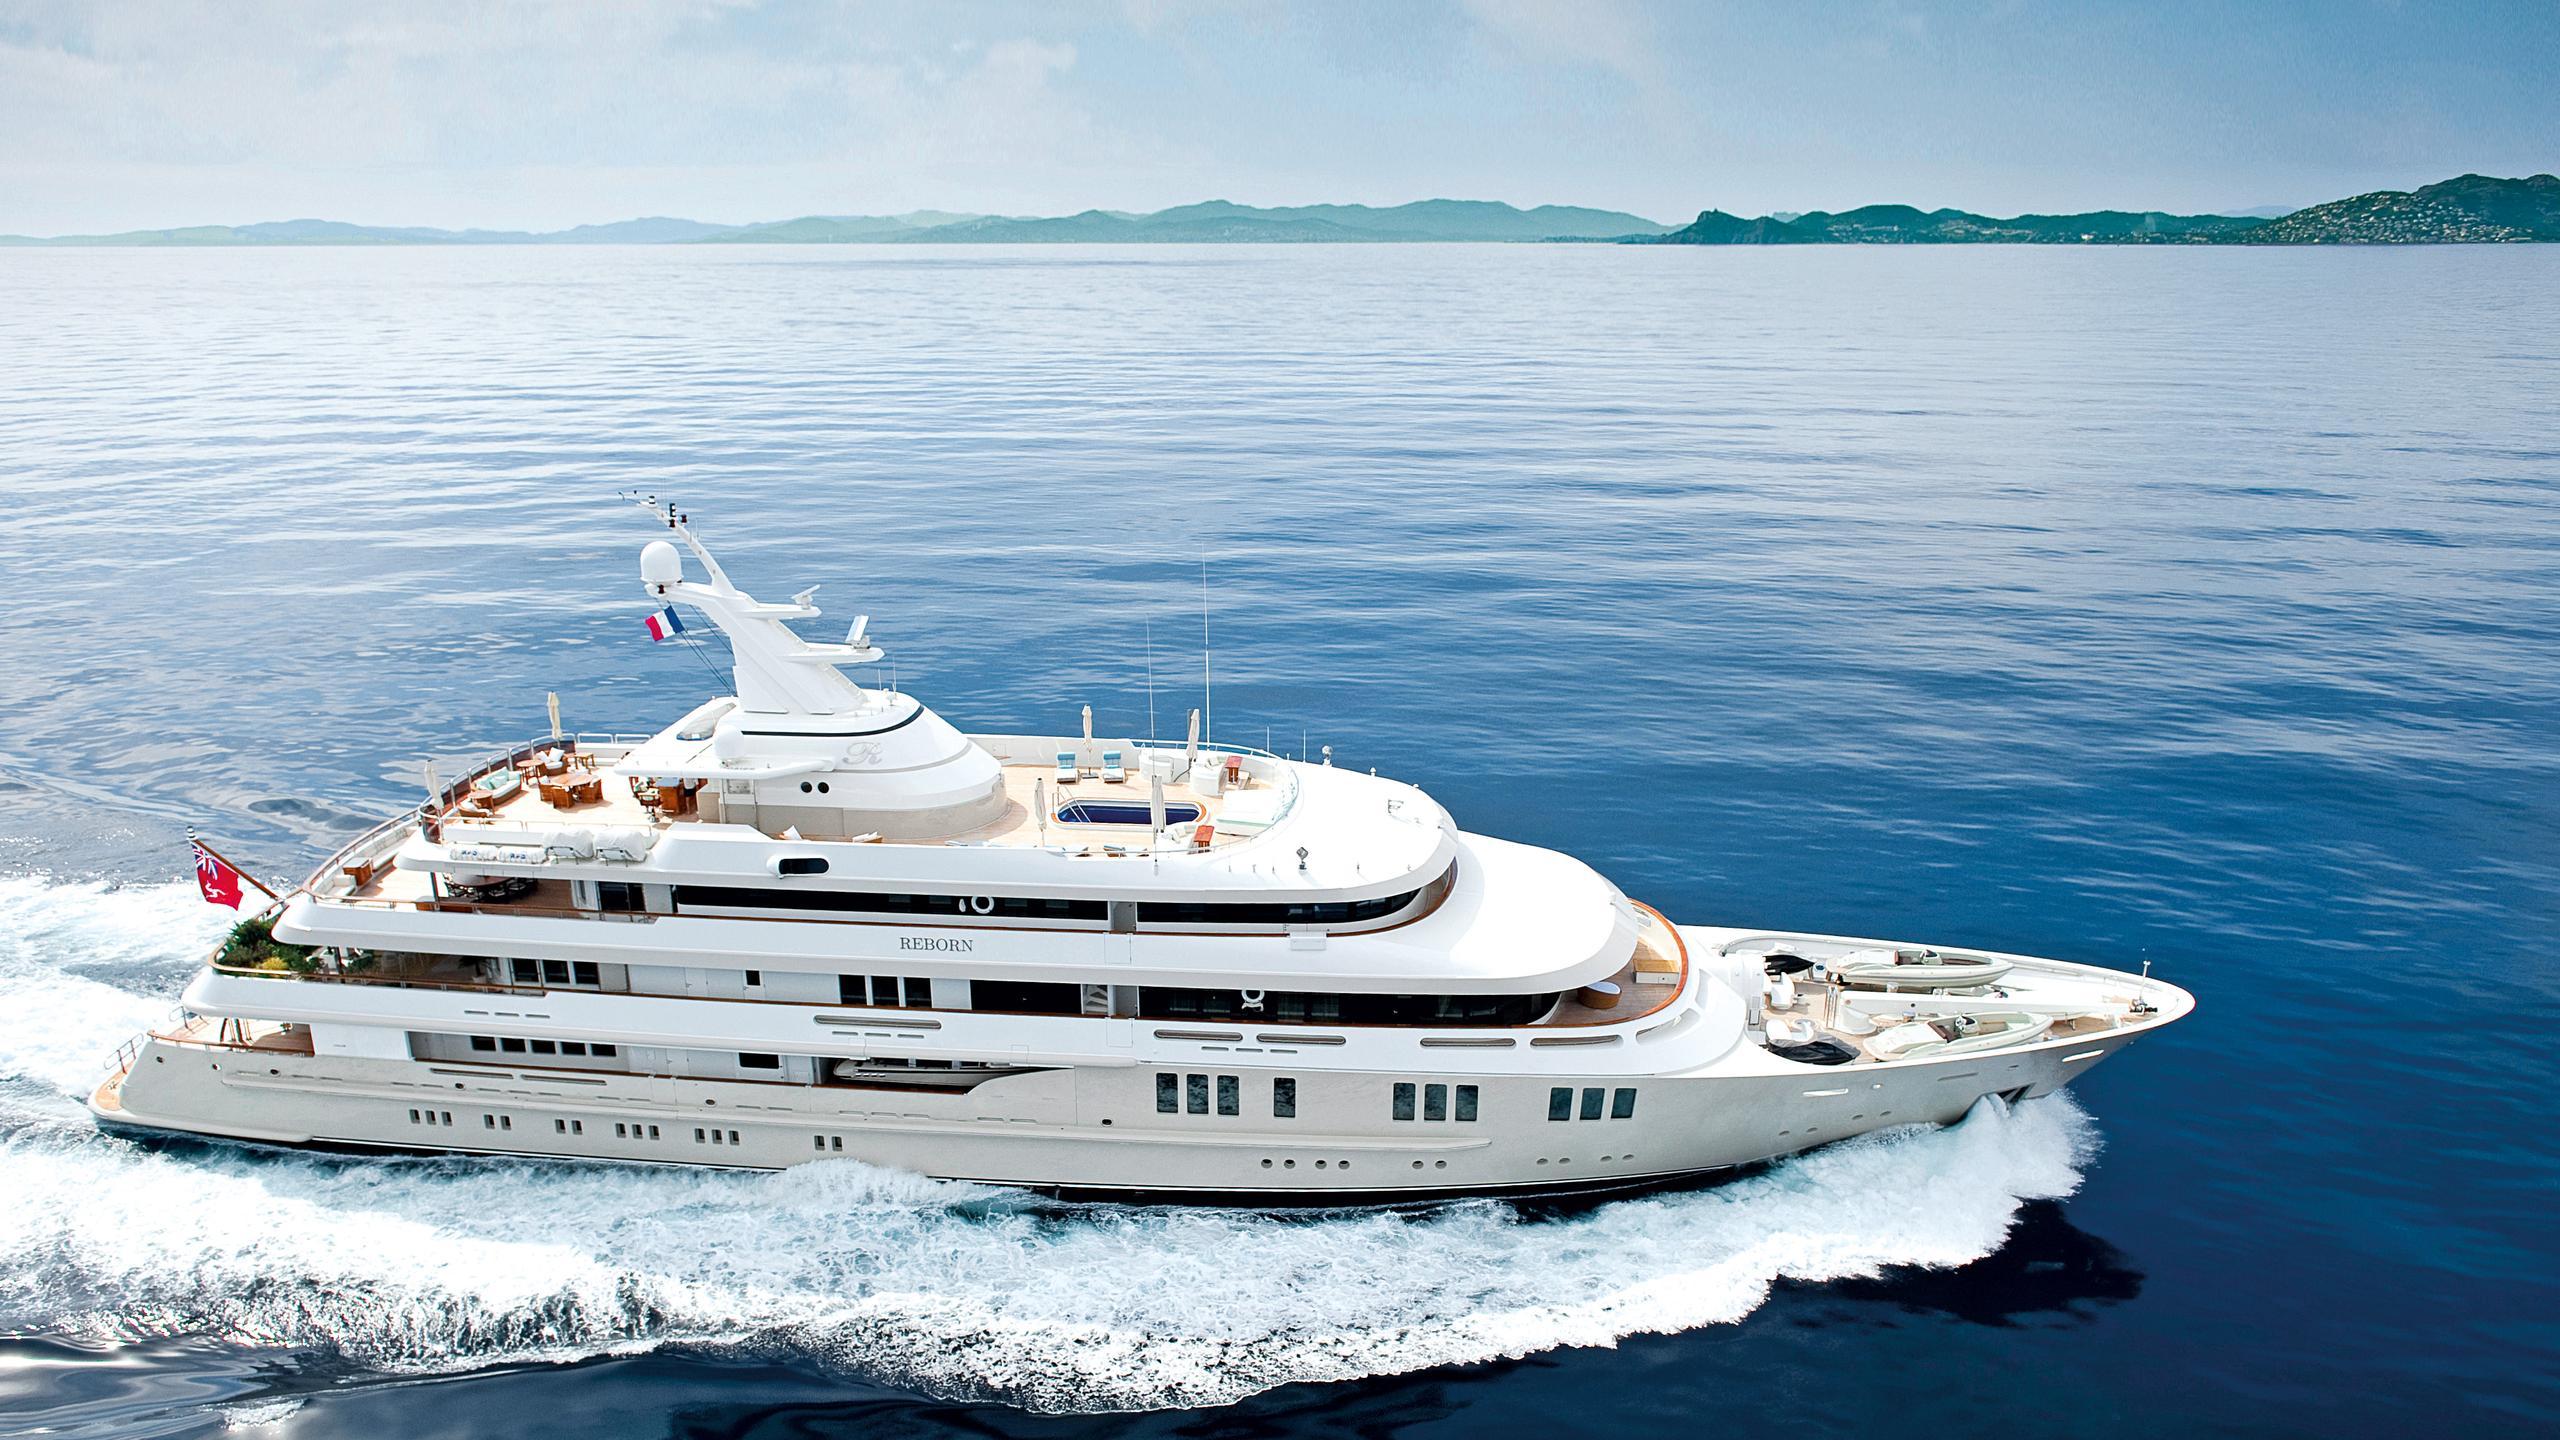 reborn-motor-yacht-amels-1999-75m-cruising-profile